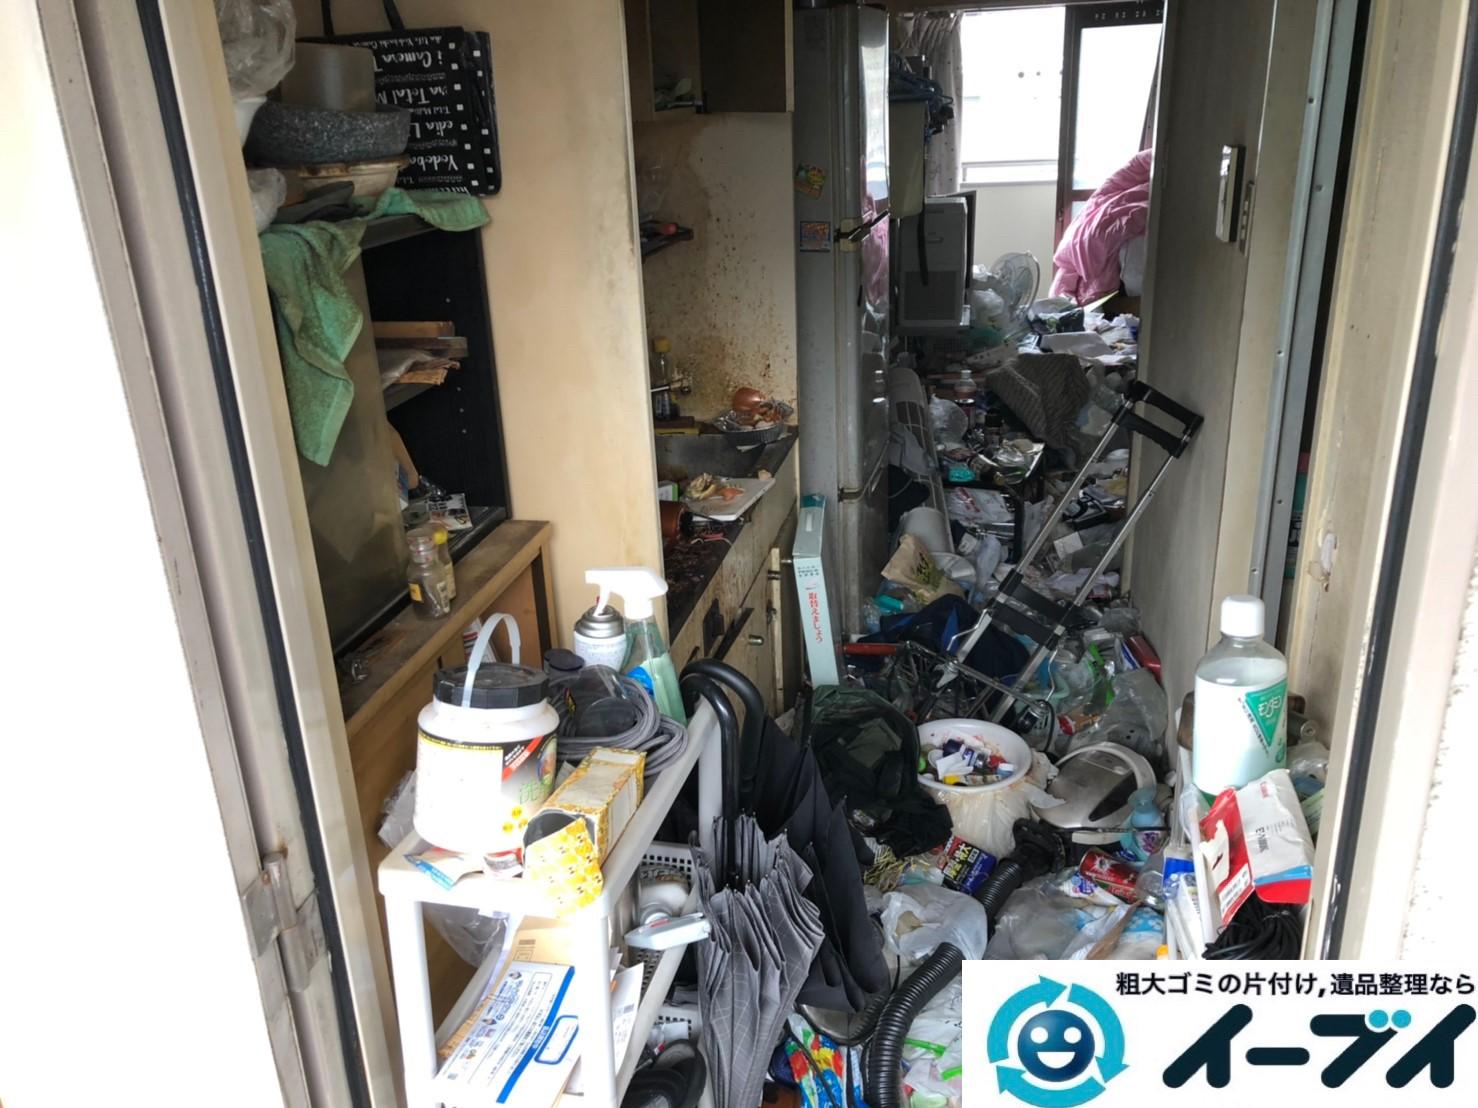 2019年8月7日大阪府大阪市東成区で生活用品や生活ゴミが散乱したゴミ屋敷の片付け作業。写真1